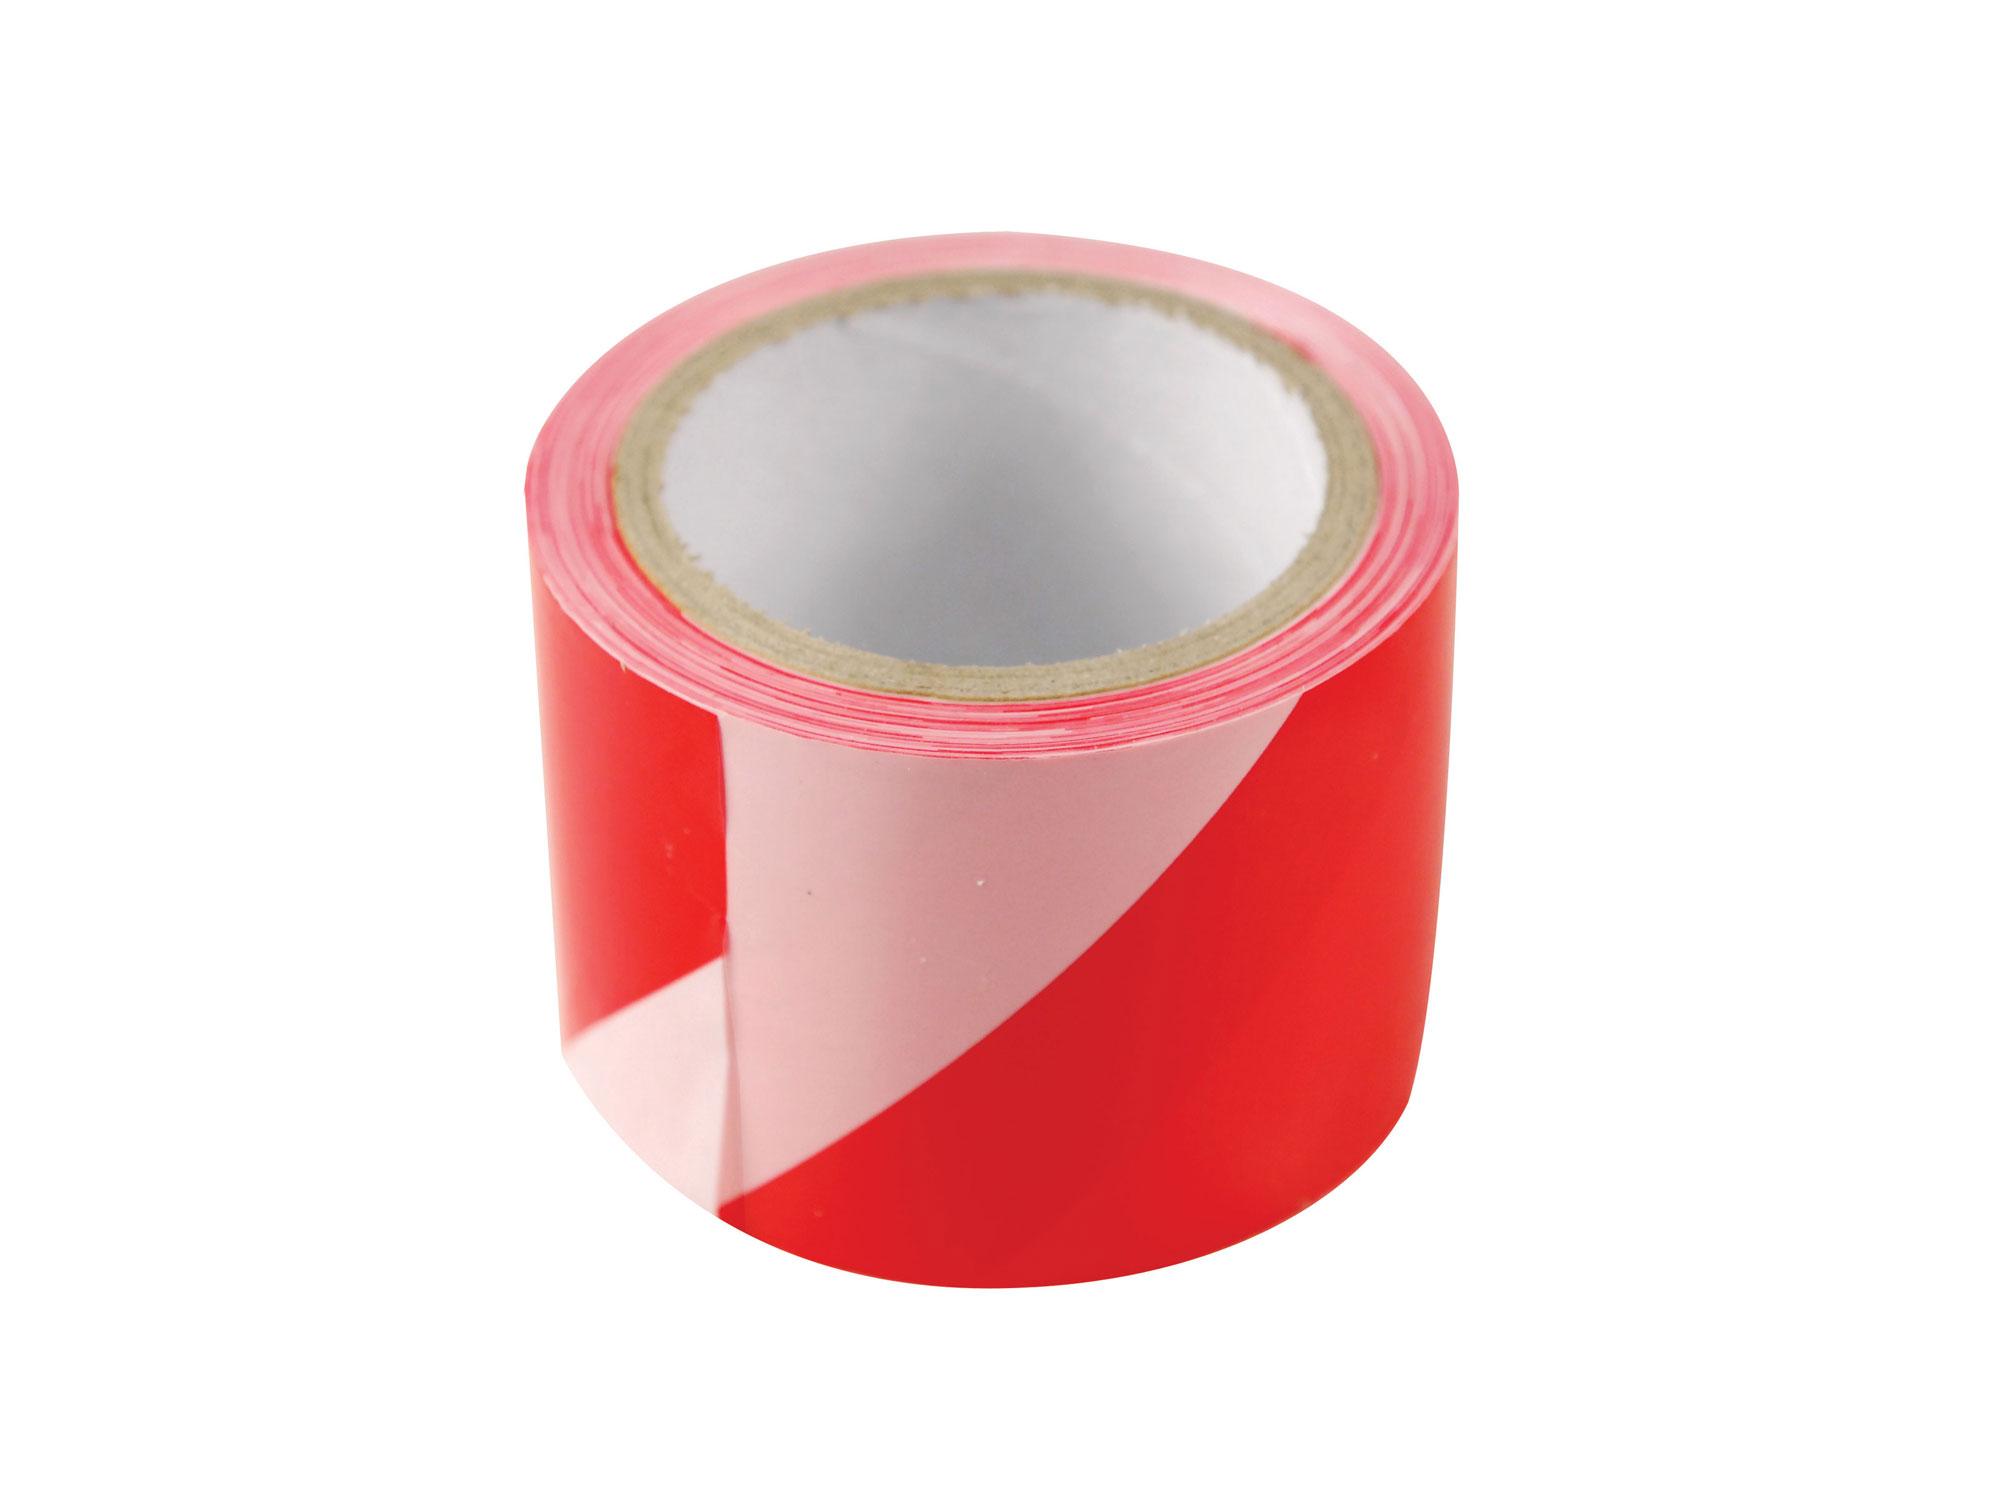 Páska výstražná červeno-bílá, 75mm x 250m, PE, s nápisem ZÁKAZ VSTUPU po celé délce pásky